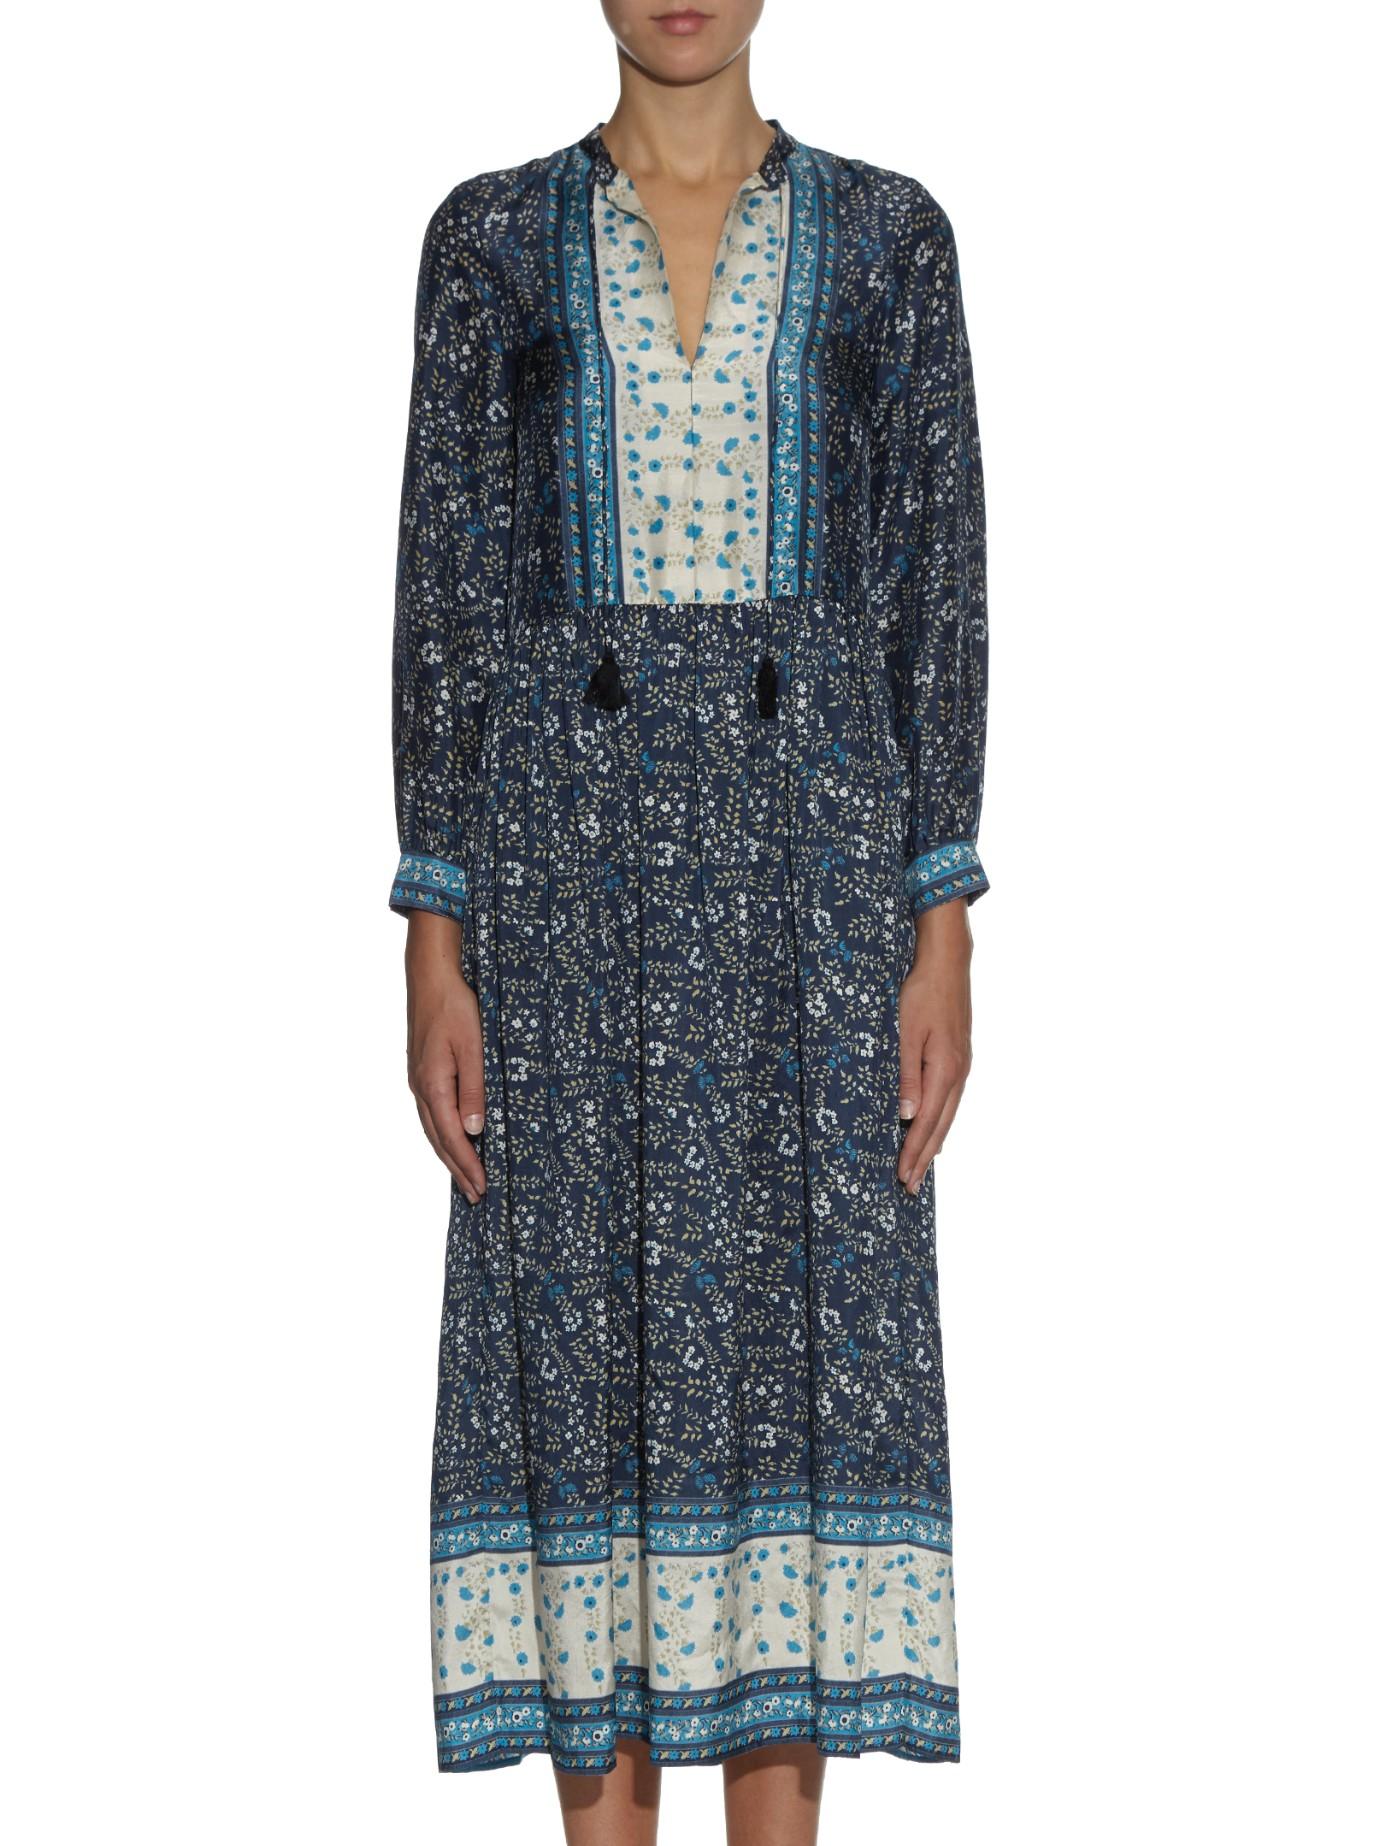 long-sleeved floral dress - Blue Masscob goJZSfB